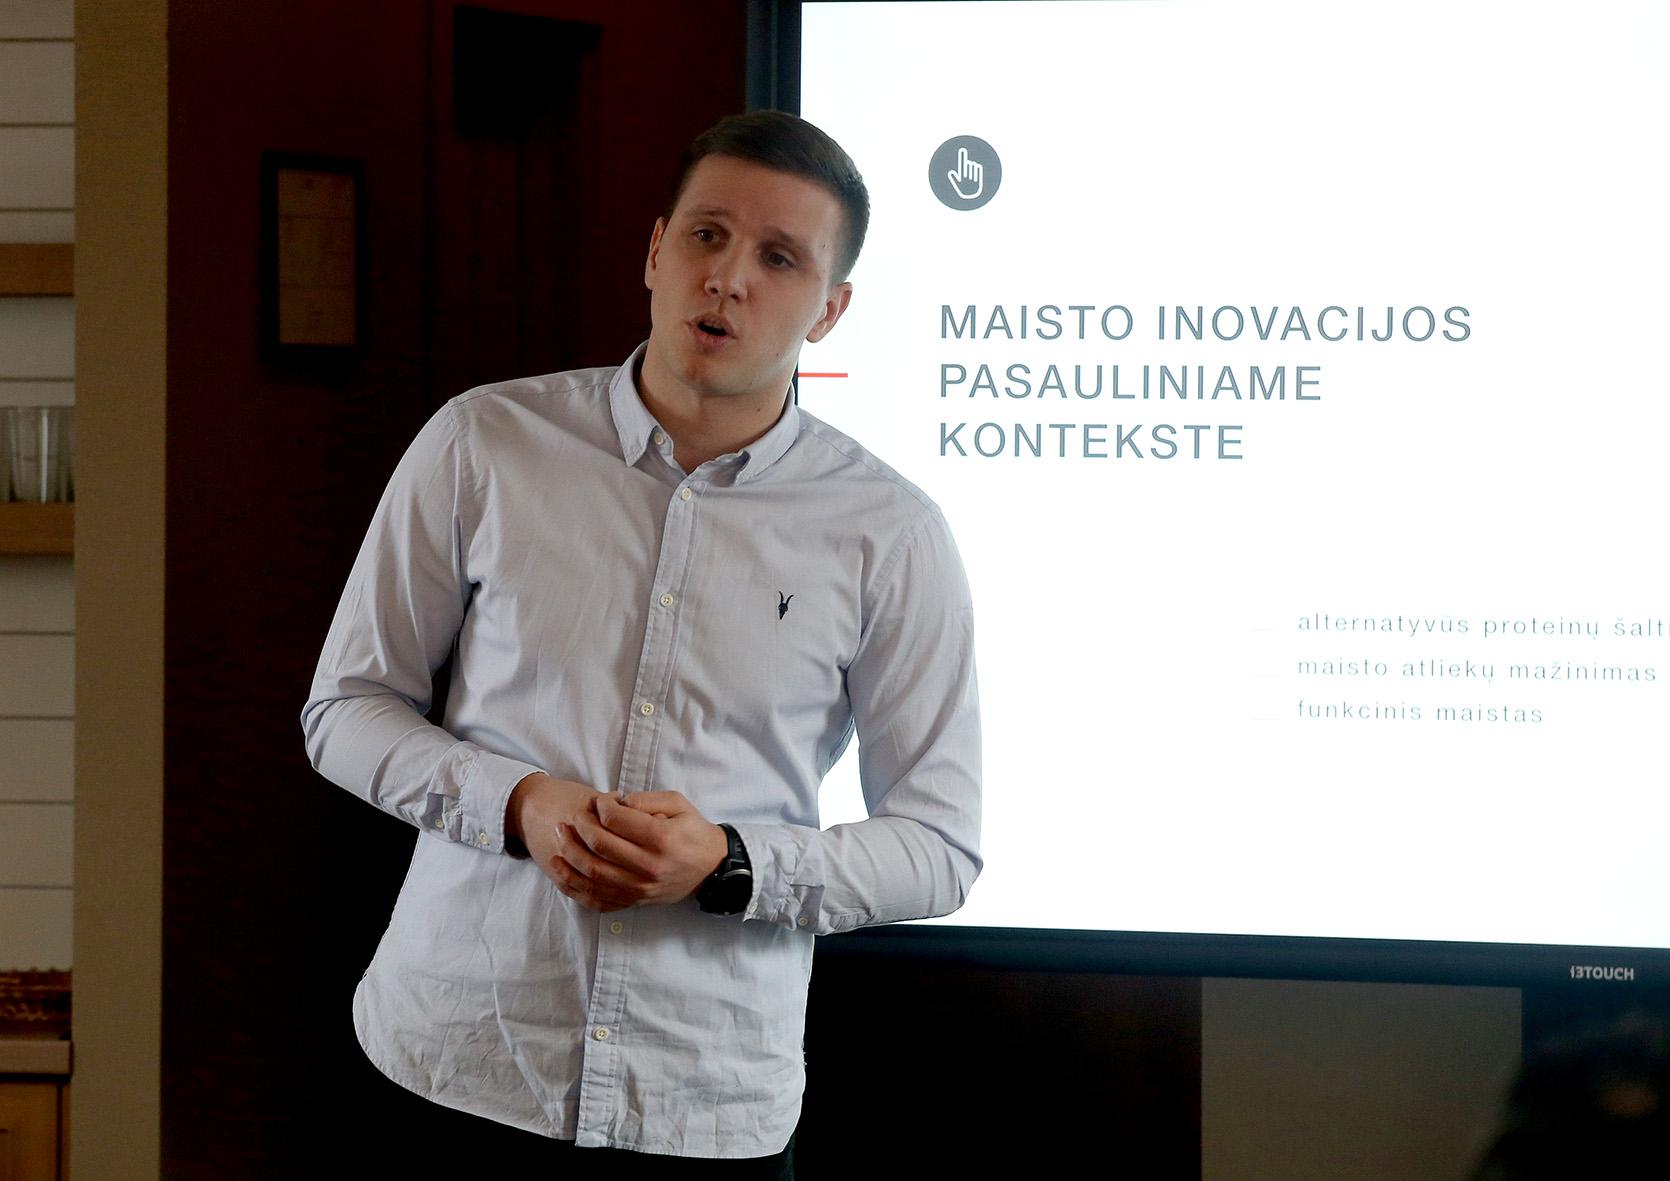 """Paulius Guzevičius: """"Siekdami būti konkurencingais, turime prisitaikyti prie kintančių vartotojų poreikių, kurie šiame technologijų amžiuje sparčiai evoliucionuoja."""" A. Barzdžiaus nuotr."""